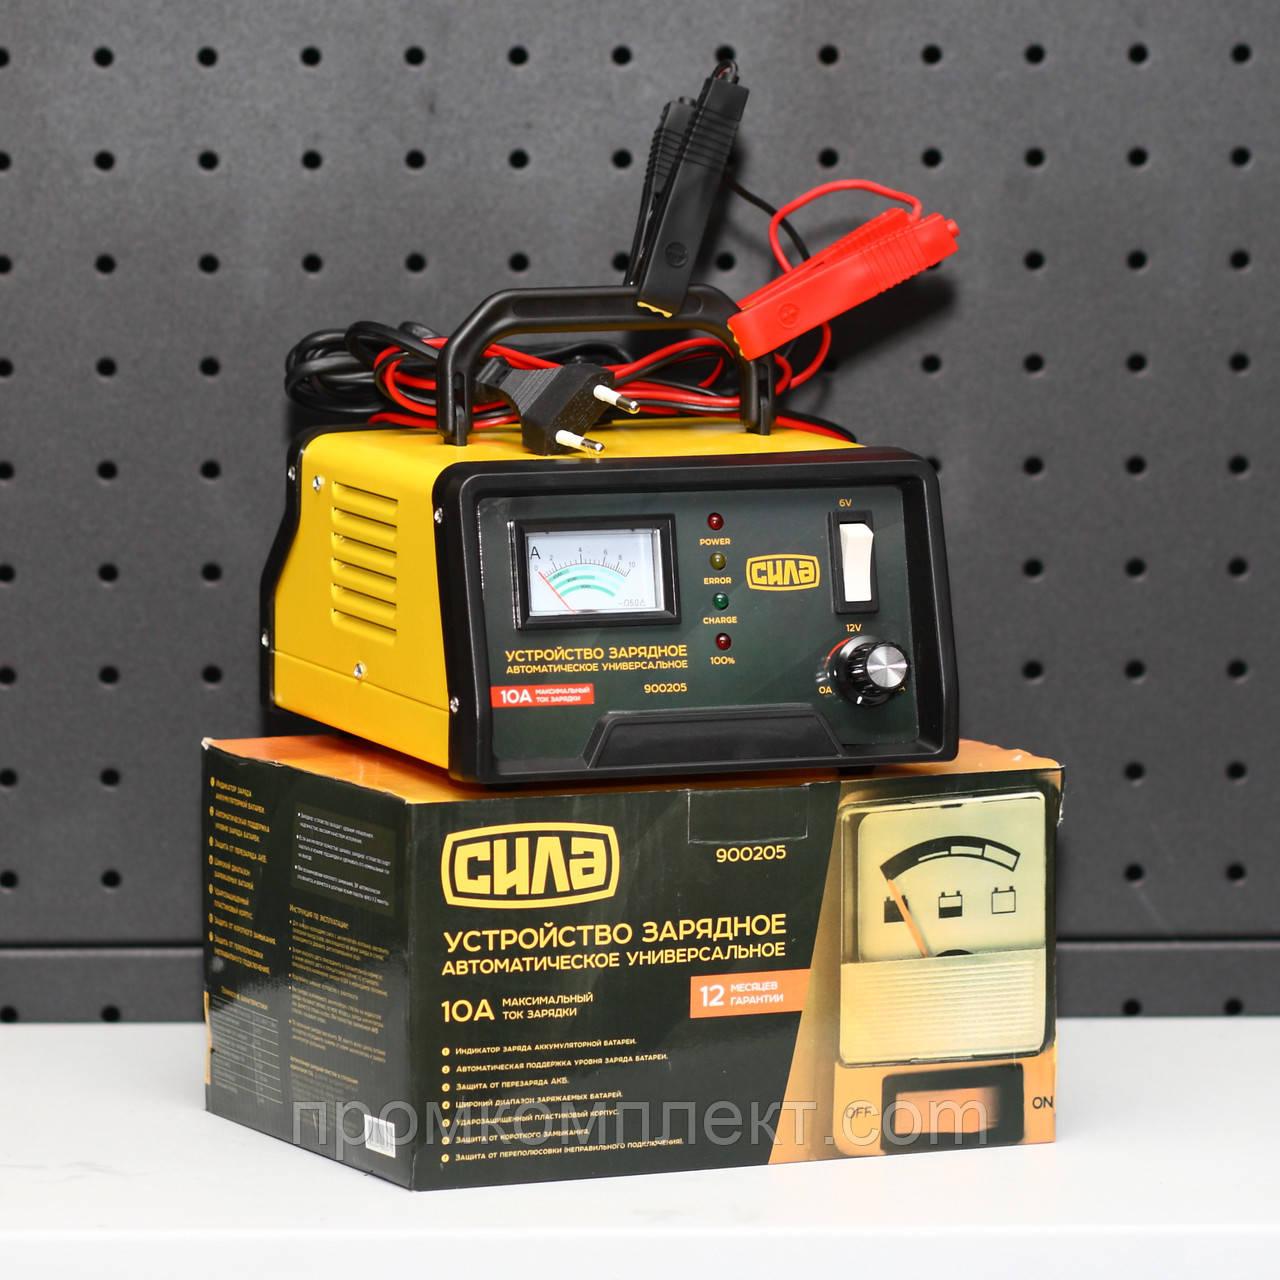 Зарядное устройство для авто 10А, 6-12В, до 120Ah СИЛА